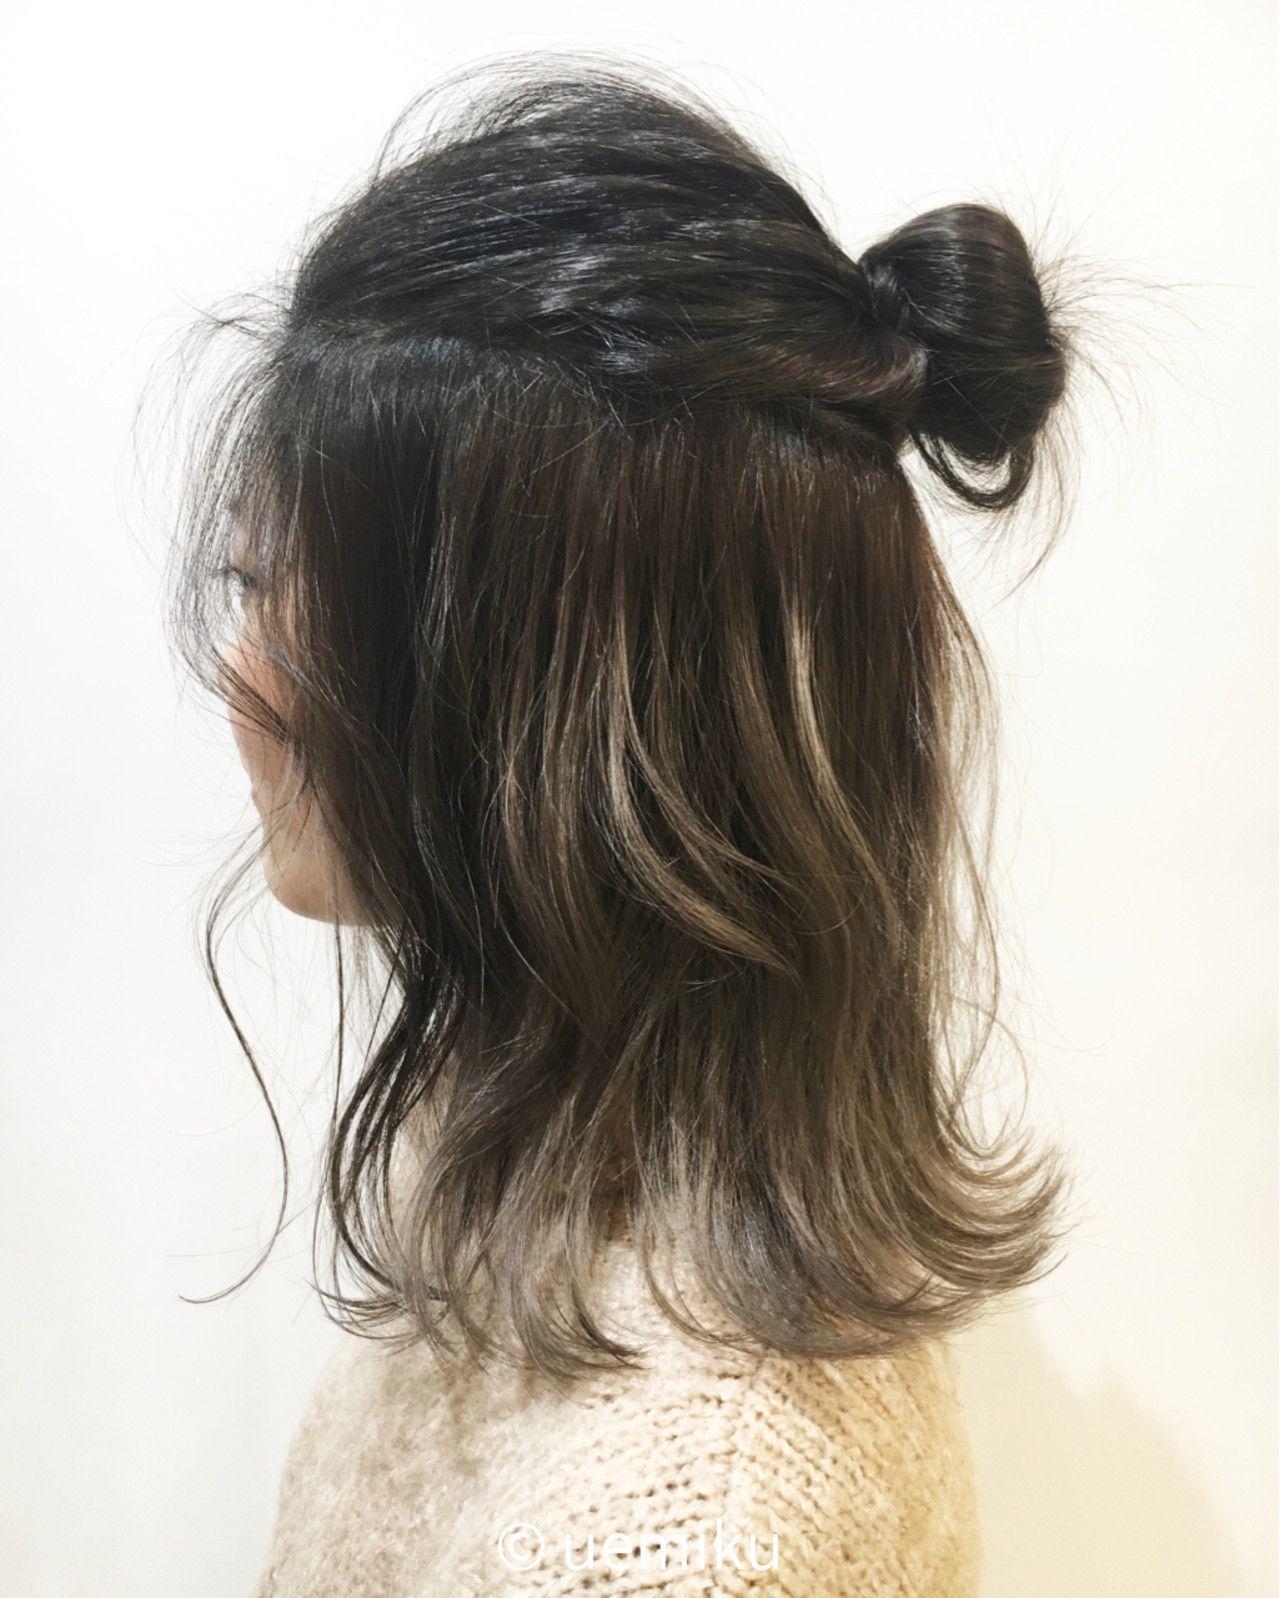 髪型別《簡単ヘアアレンジやり方入門編》かわいい髪型講座開講です♡の26枚目の画像